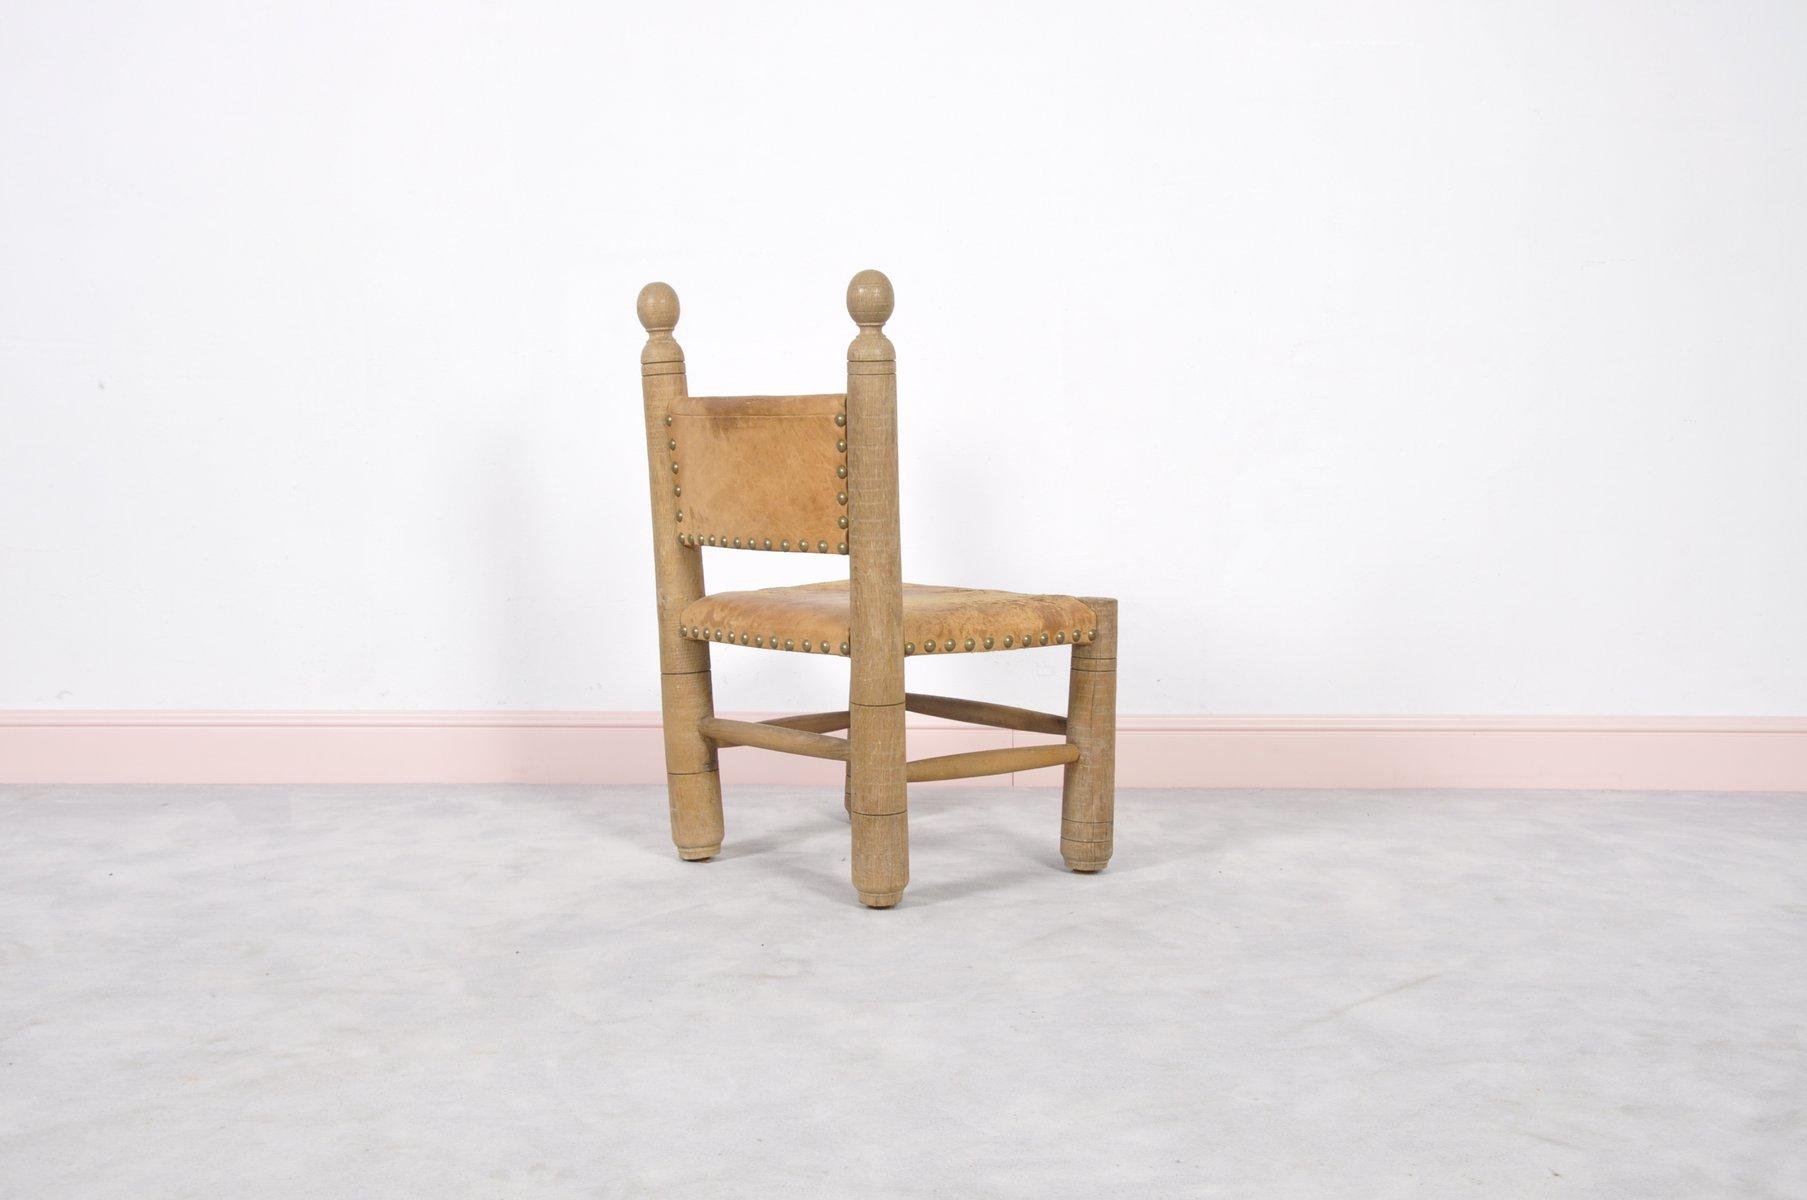 chaise d 39 enfant louisiana vintage avec dossier barreaux en vente sur pamono. Black Bedroom Furniture Sets. Home Design Ideas